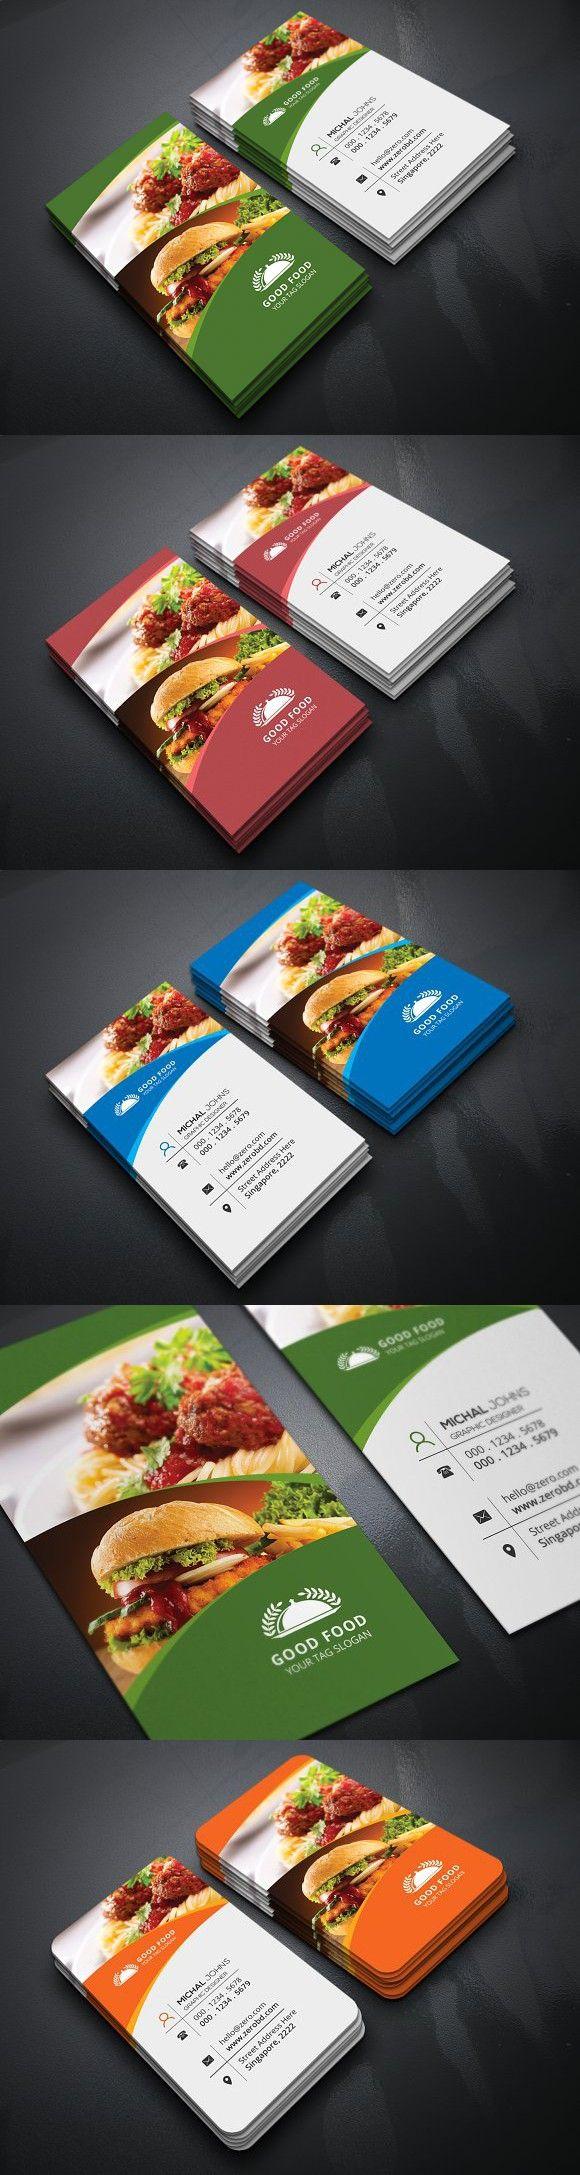 Restaurant Business Card Branding Pinterest Business Cards